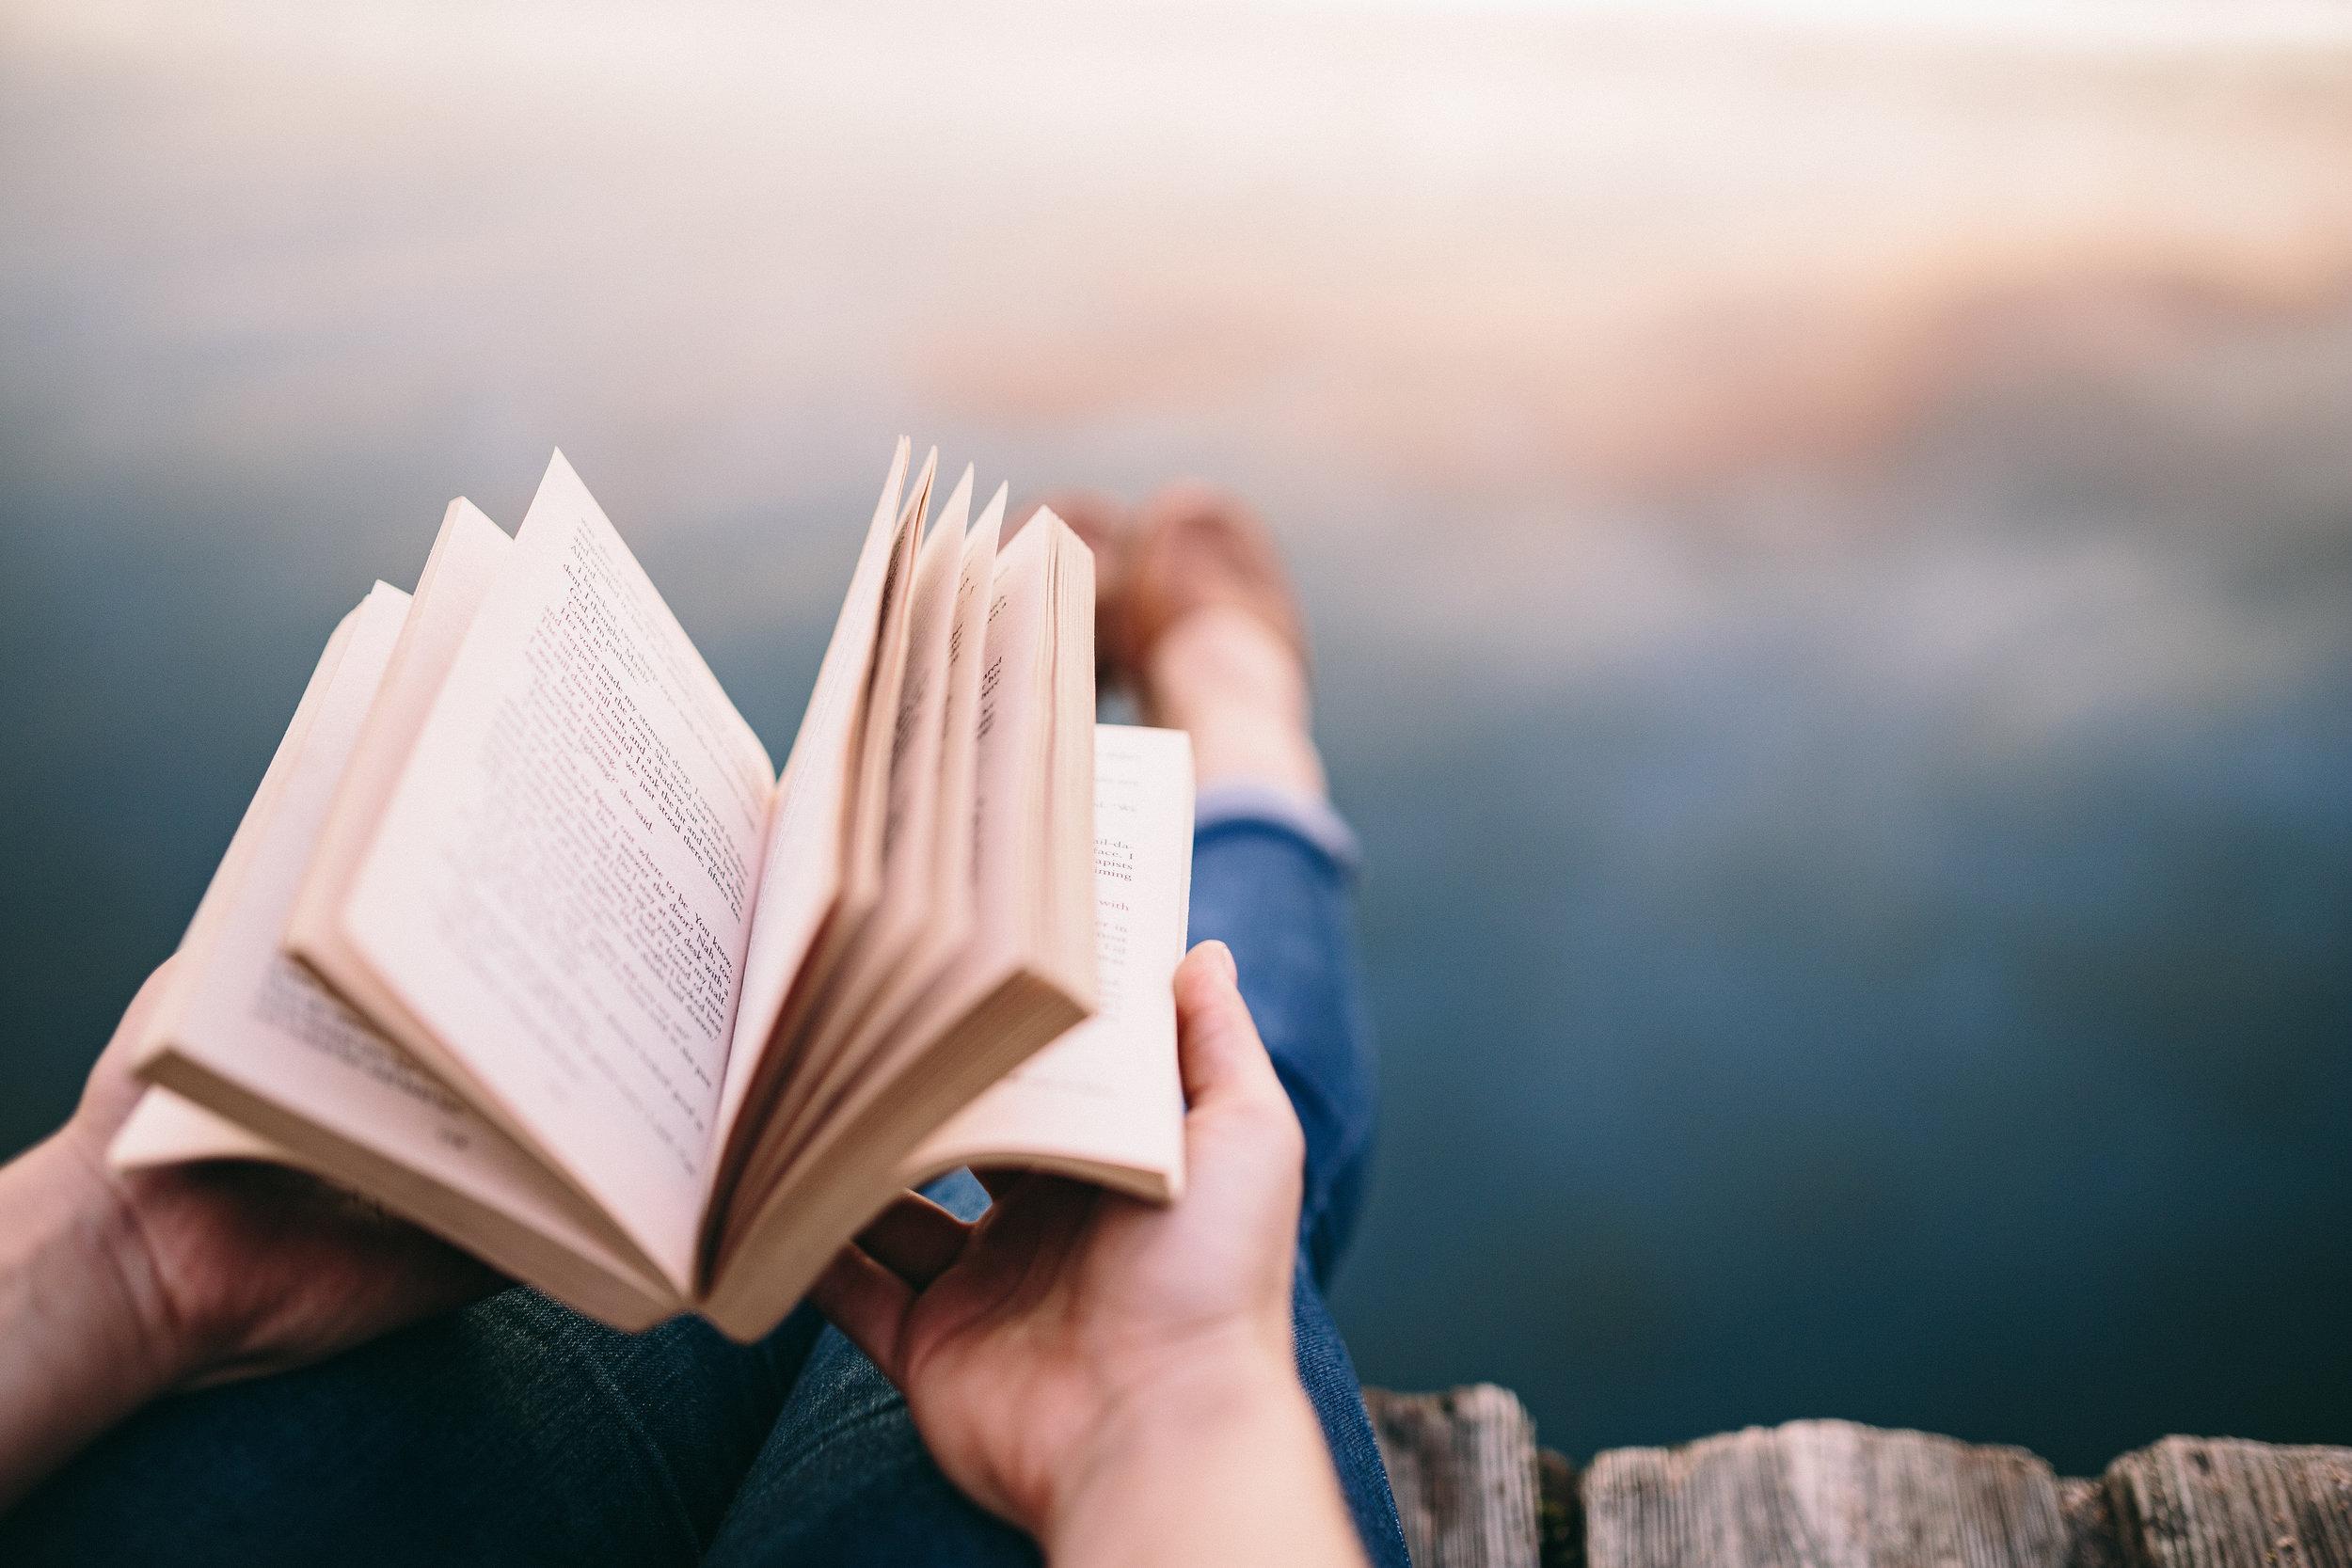 kaboompics_Reading book at lake (6).jpg